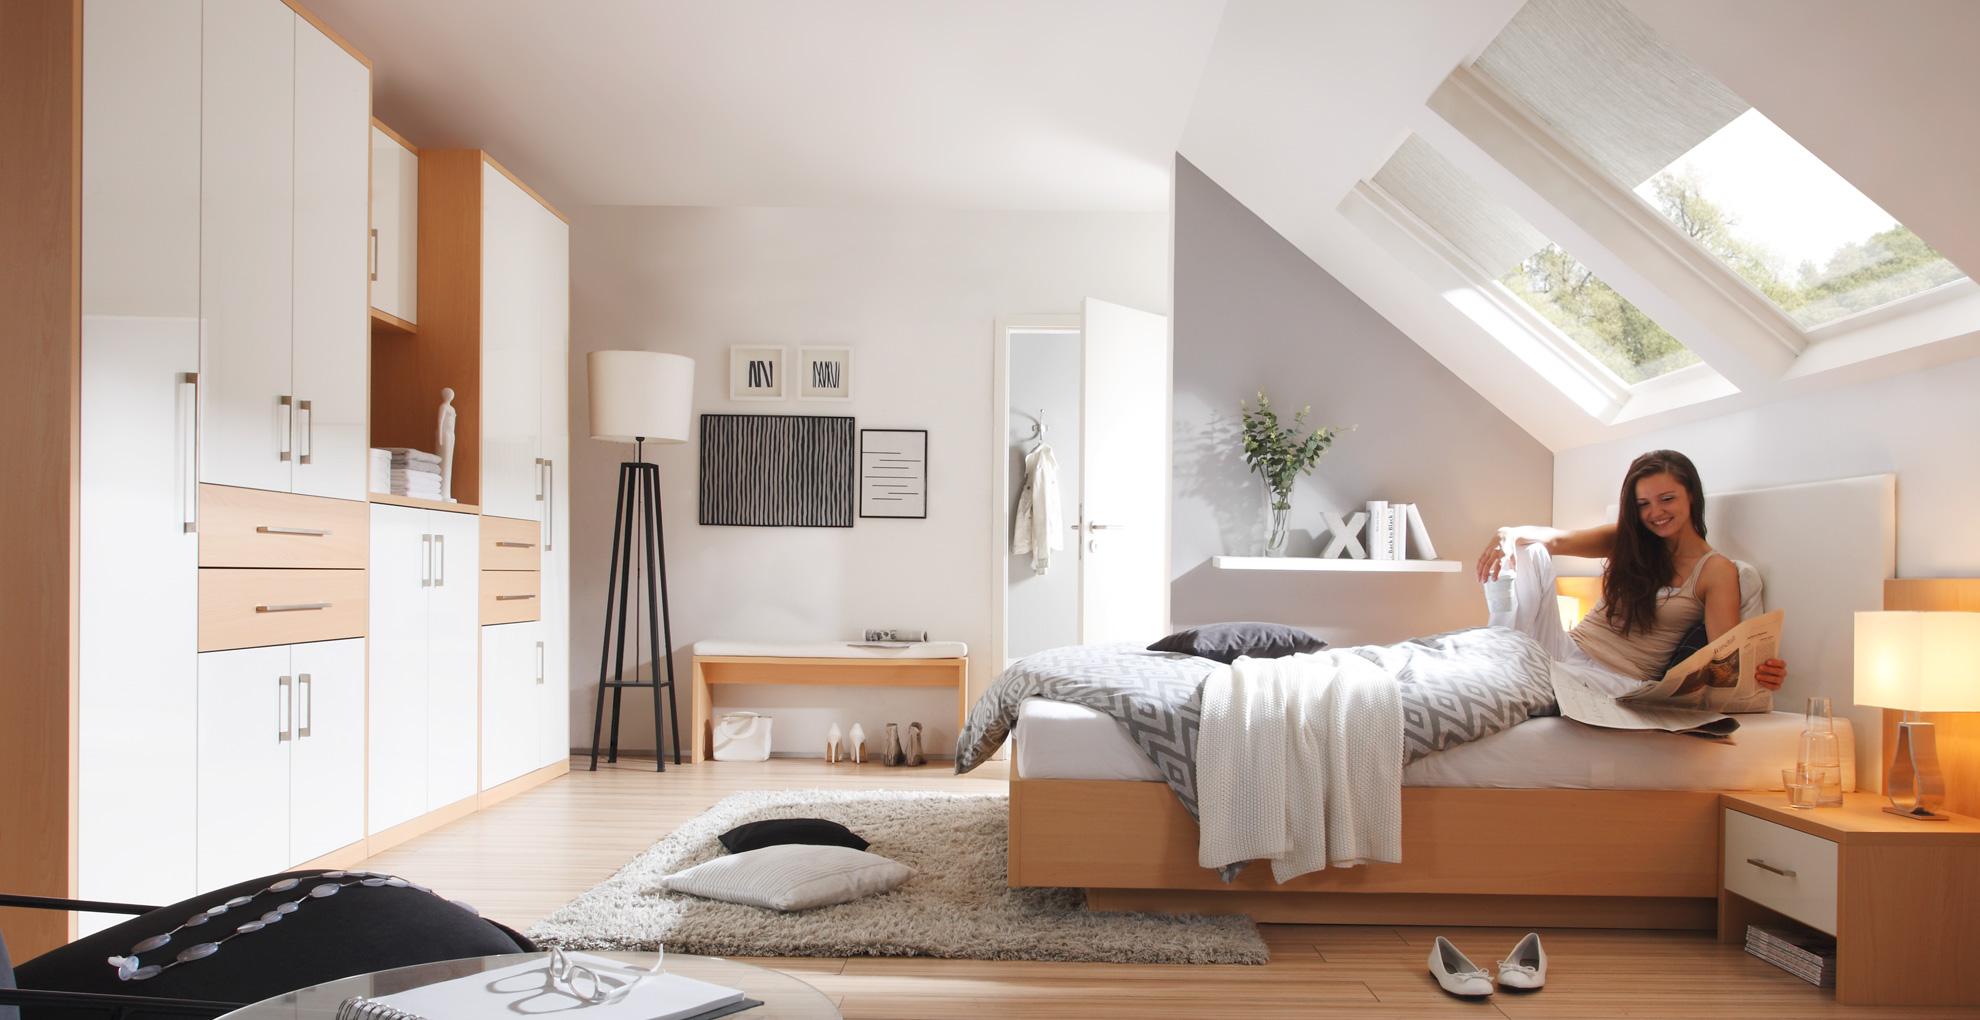 Planbare Möbel<br>bis ins Detail.